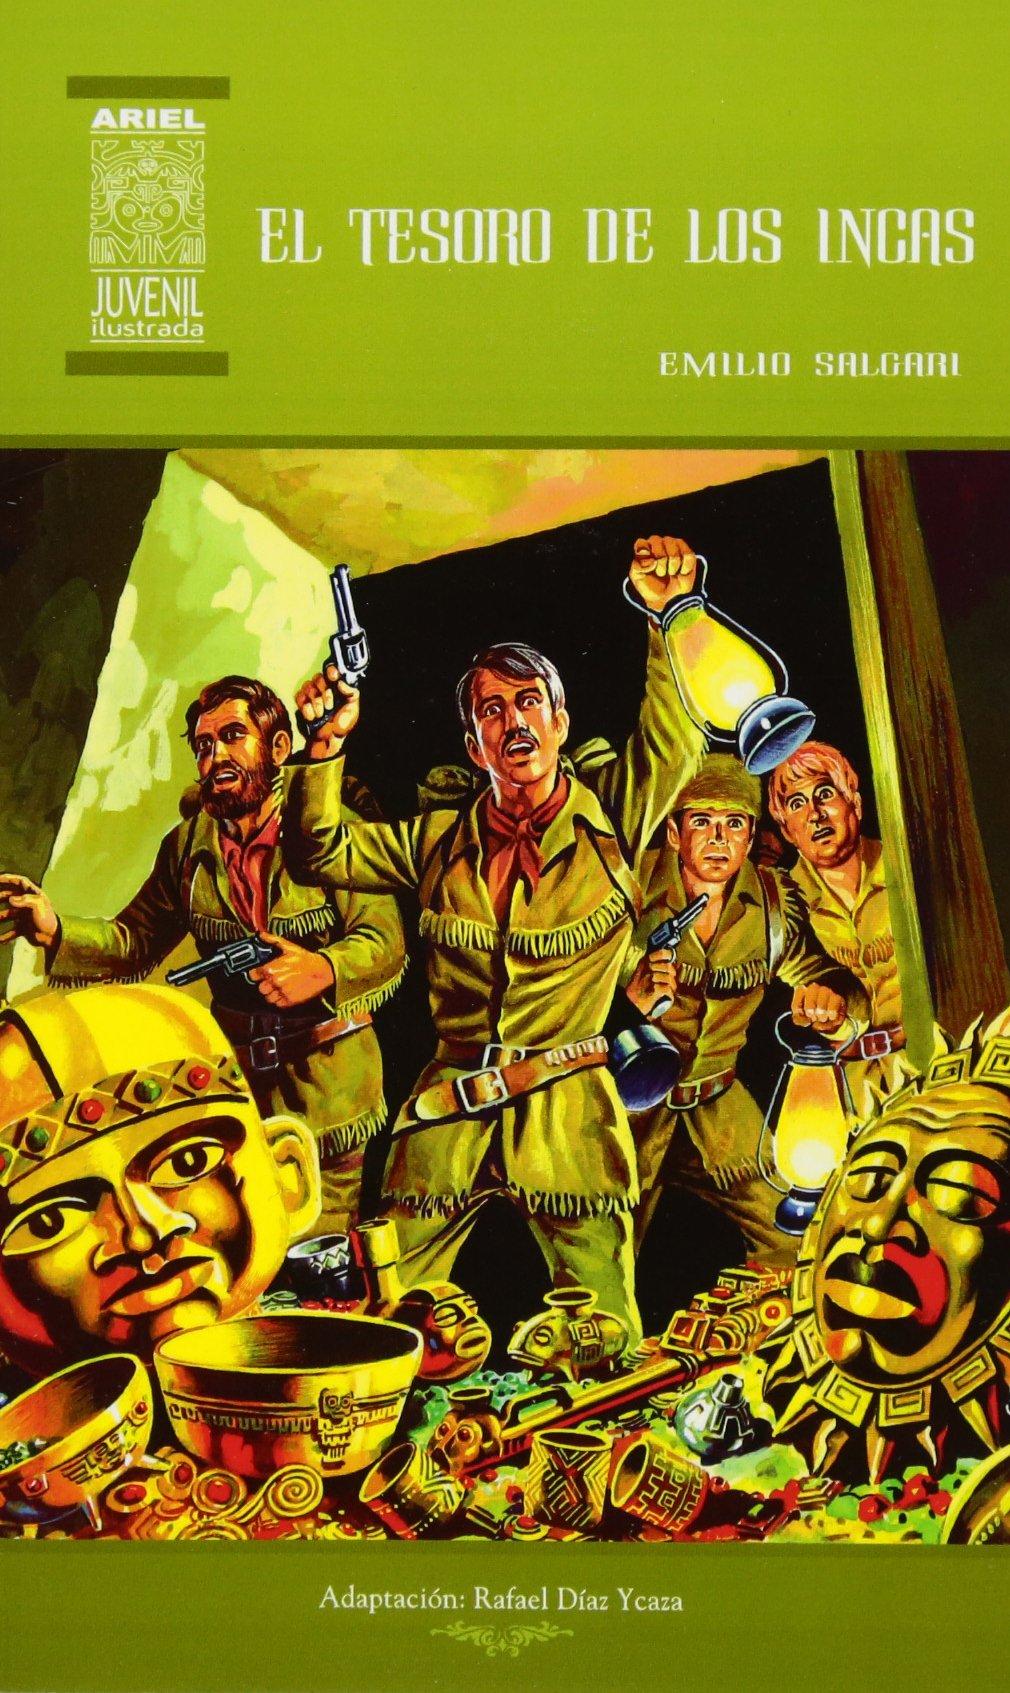 El Tesoro de los Incas: Volume 26 Ariel Juvenil Ilustrada: Amazon.es: Emilio Salgari, Nelson Jácome, Rafael Díaz Ycaza: Libros